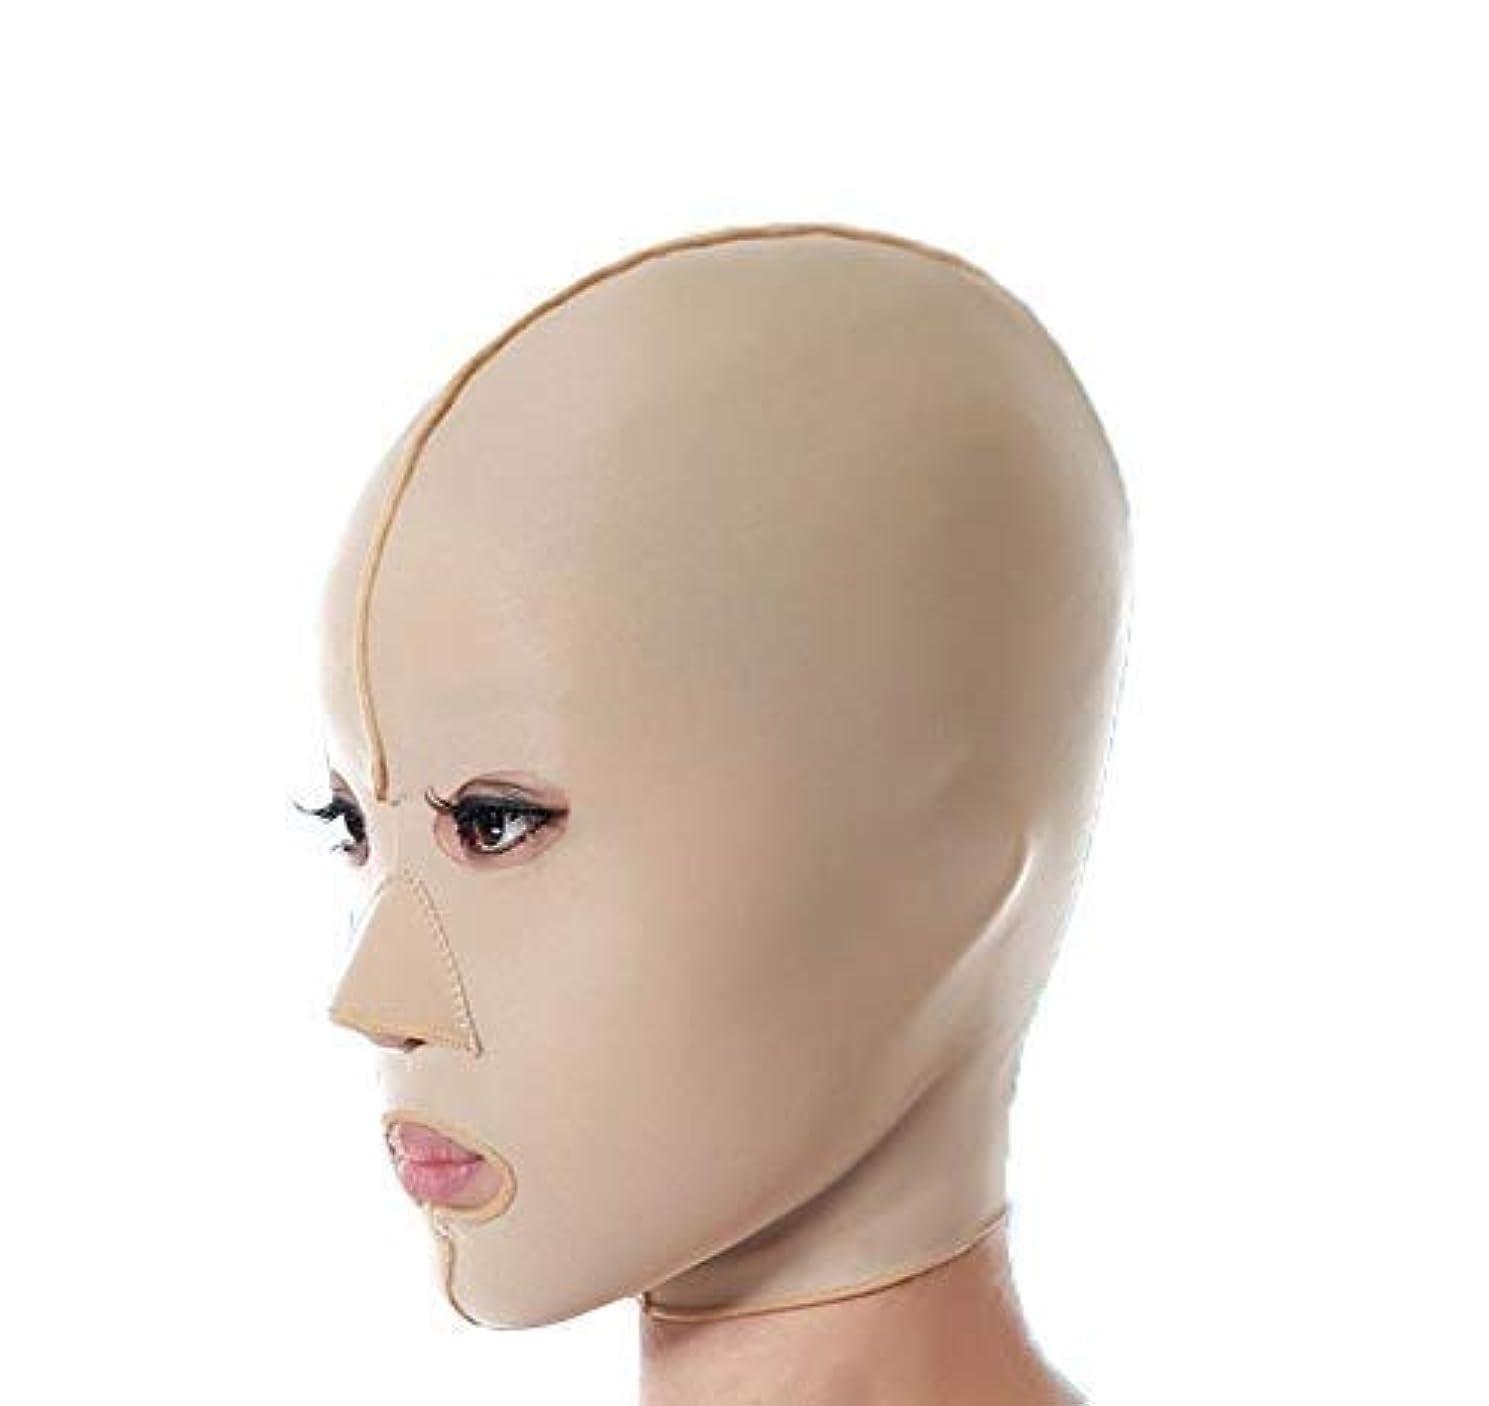 嵐シンク代わりにを立てるファーミングフェイスマスク、フェイシャルマスクメディシン強力なフェイスマスクアーティファクト美容たるみ防止ロウパターンフェイシャルリフティングファーミングフルフェイスマスク(サイズ:L)